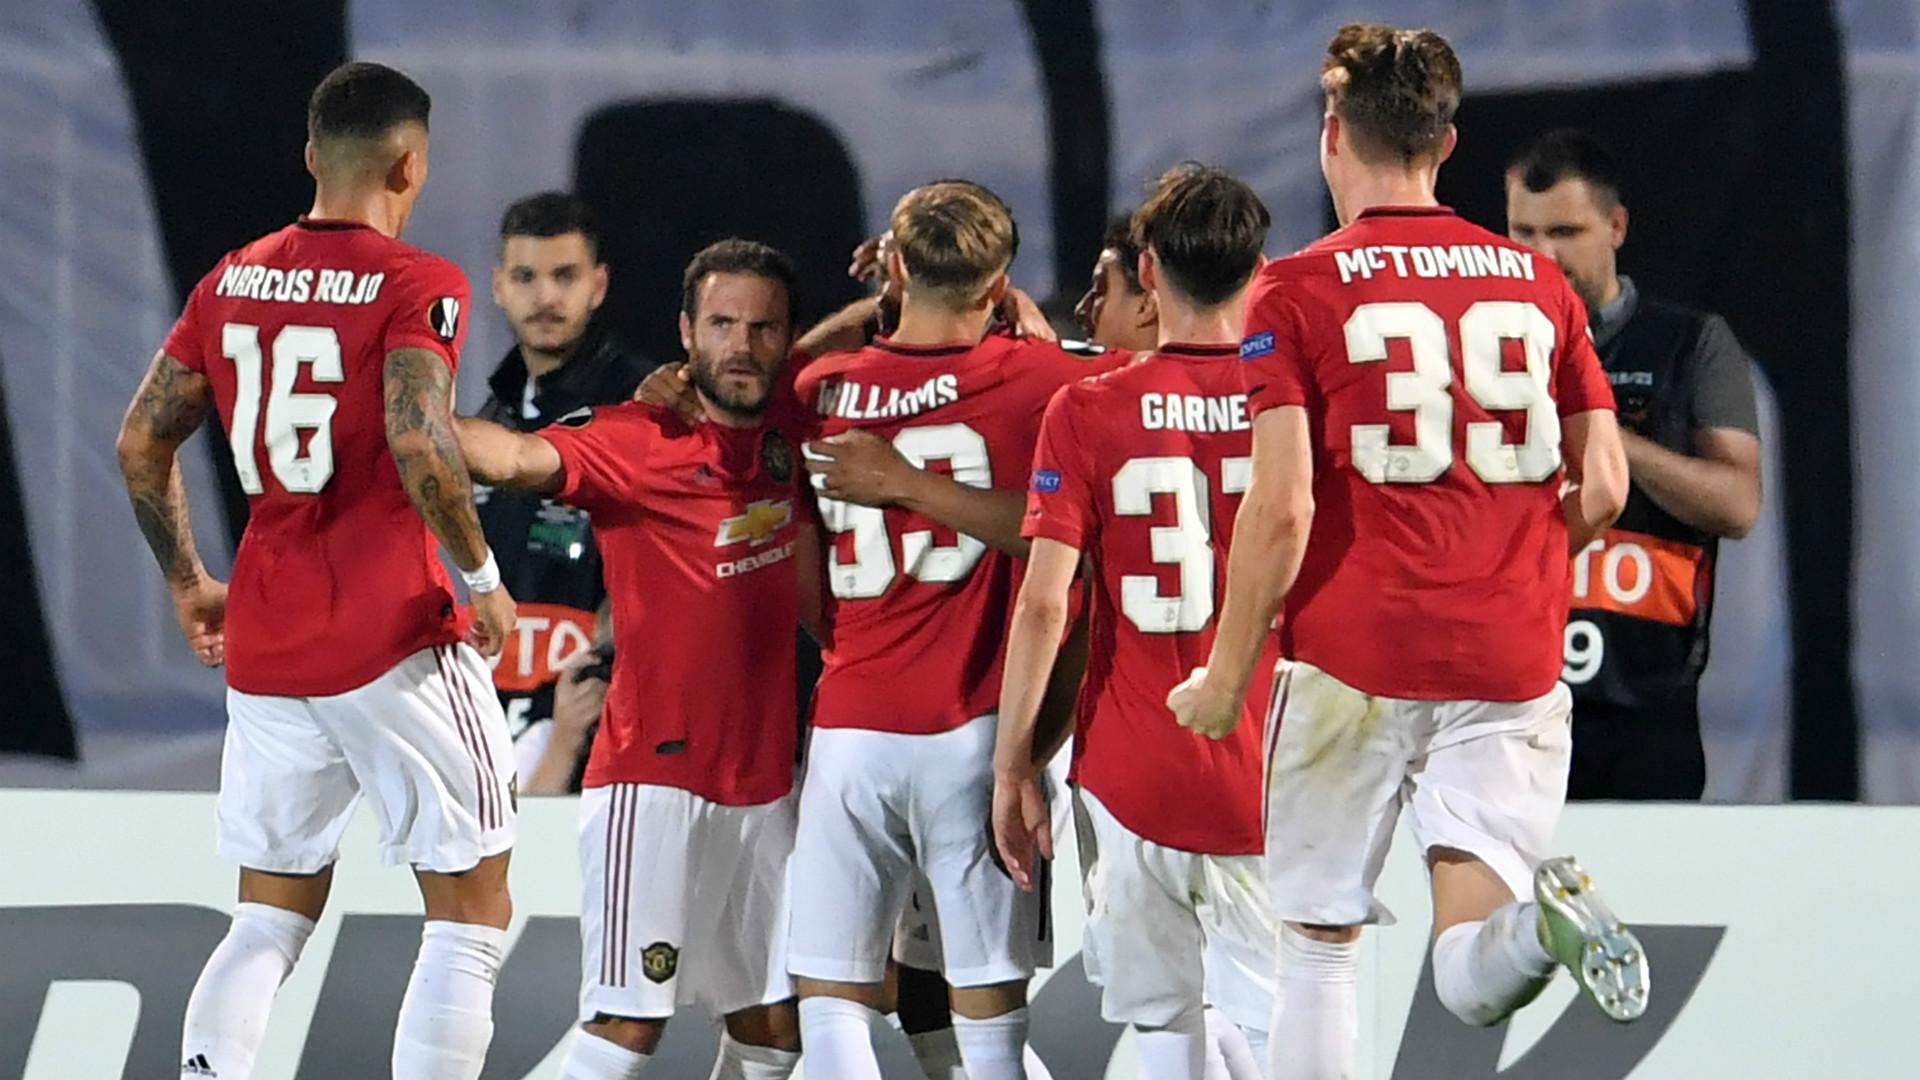 Manchester United - Première victoire à l'extérieur depuis le PSG